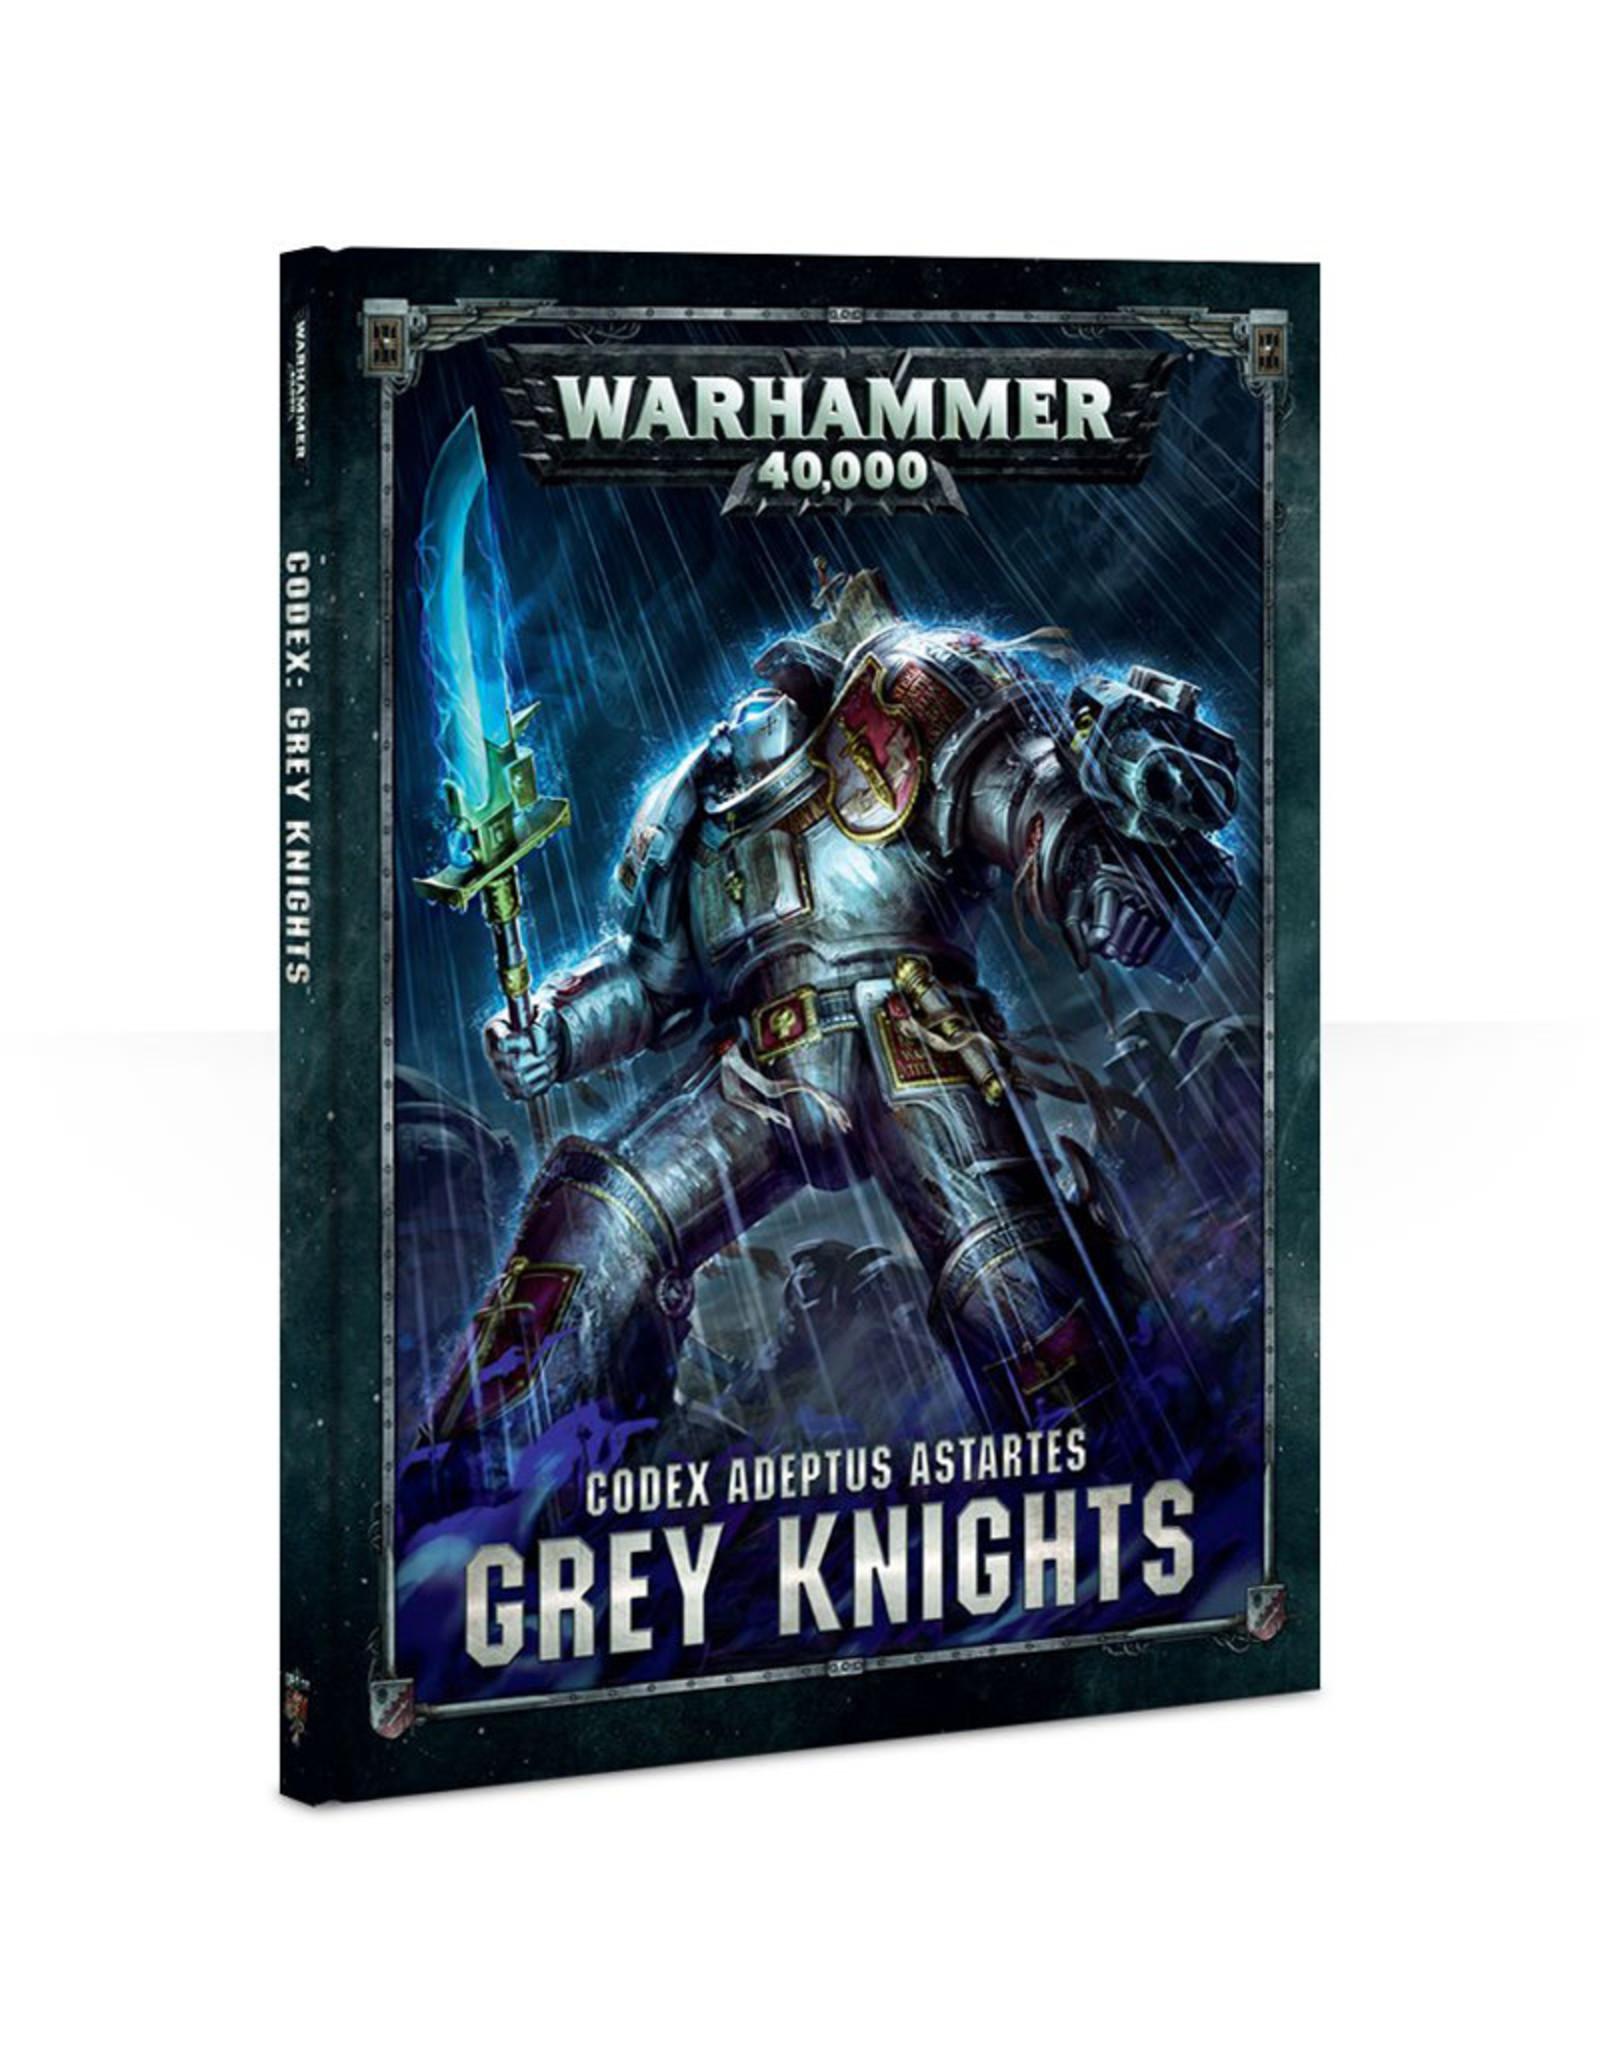 Games Workshop Warhammer 40K Codex Grey Knights (8th Edition)